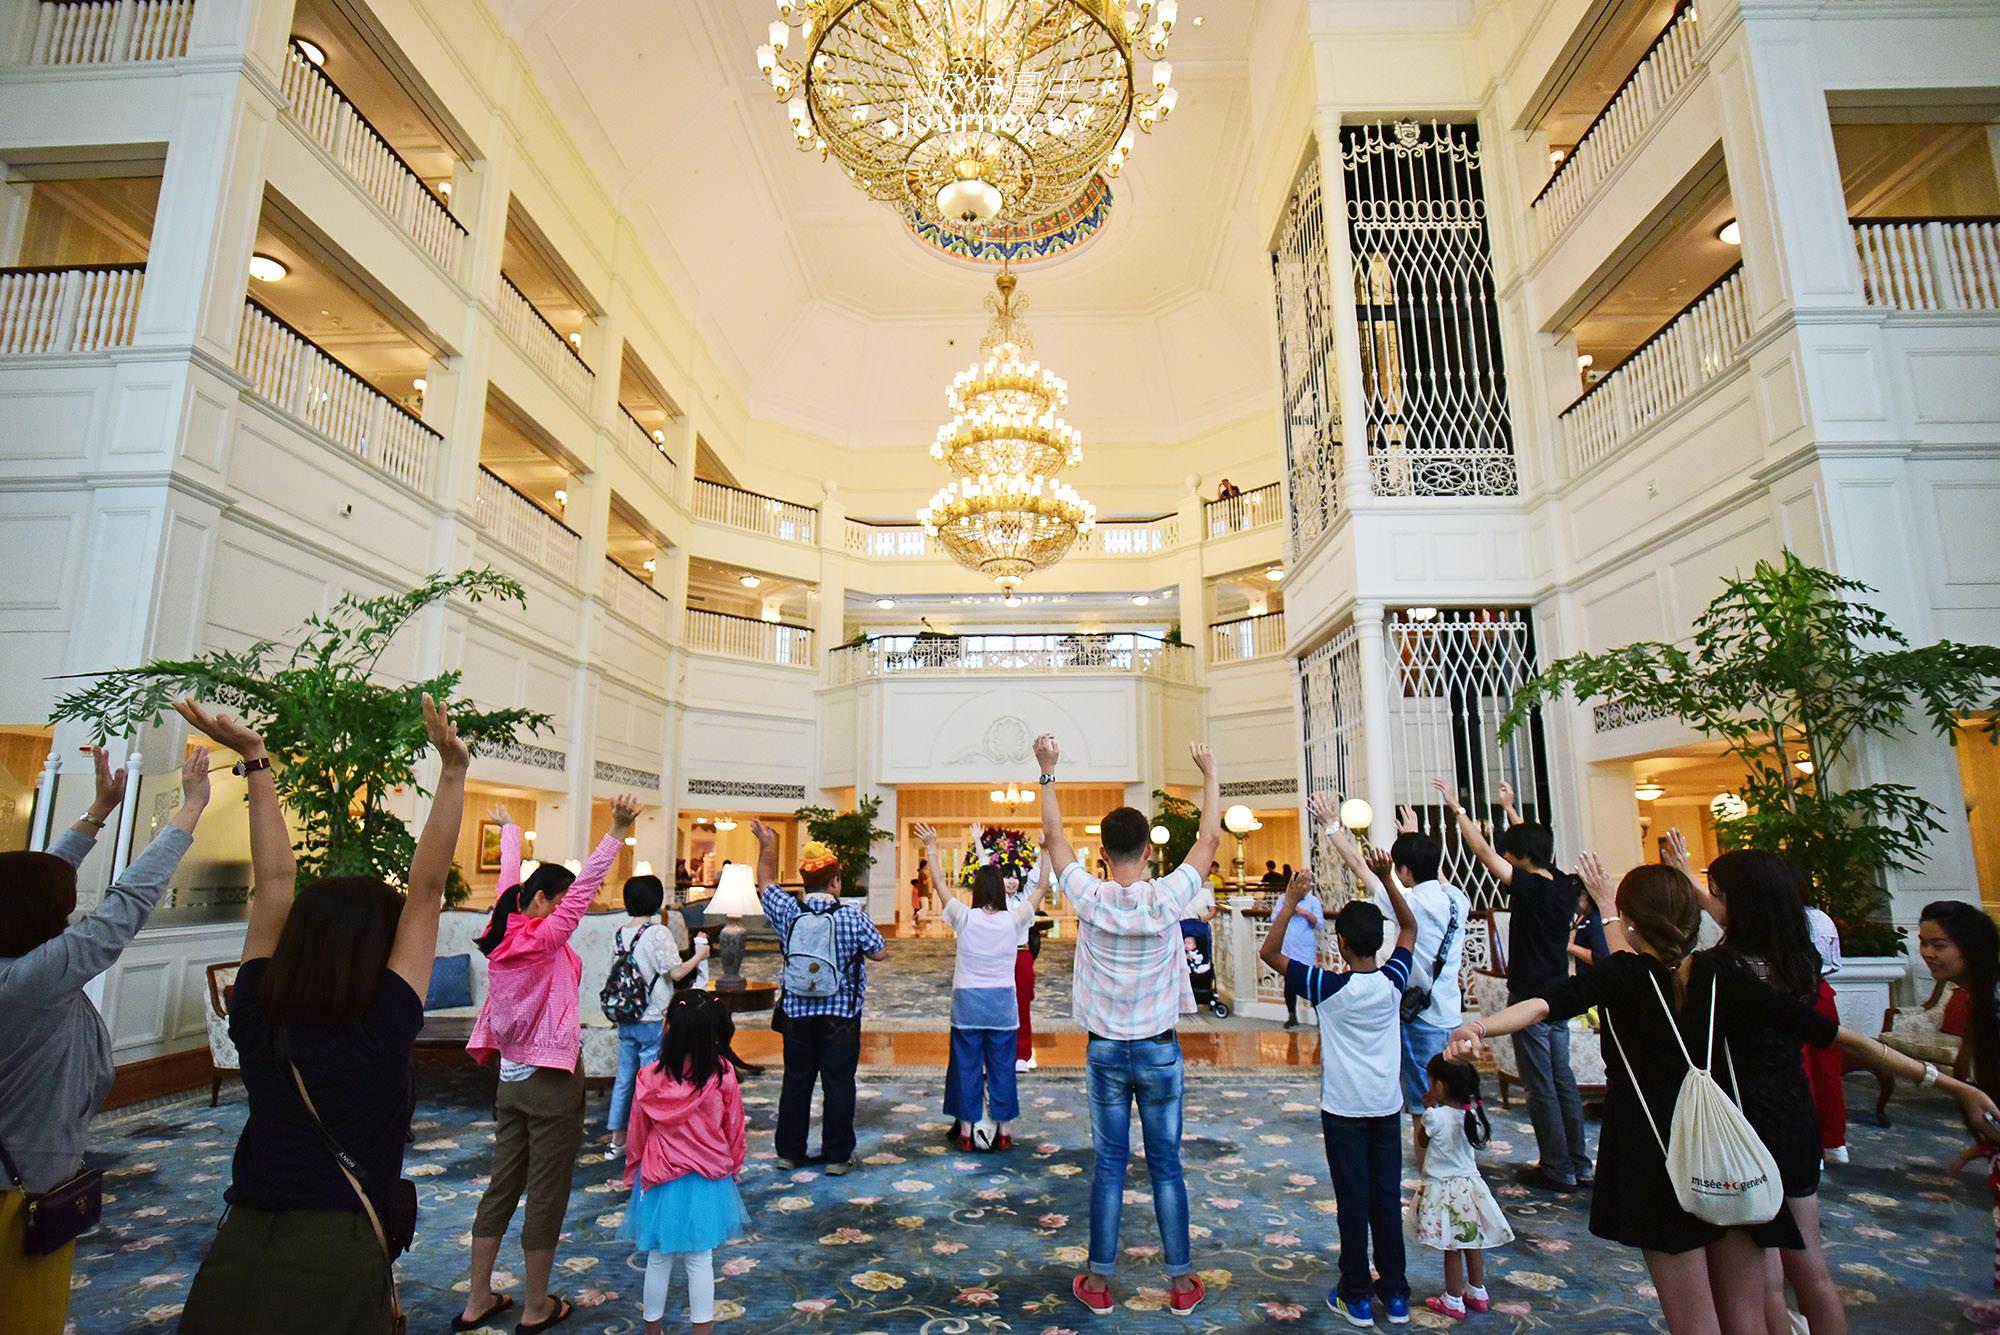 香港住宿,迪士尼住宿|2017全新開幕・迪士尼探索家度假酒店 - 許傑,旅行圖中